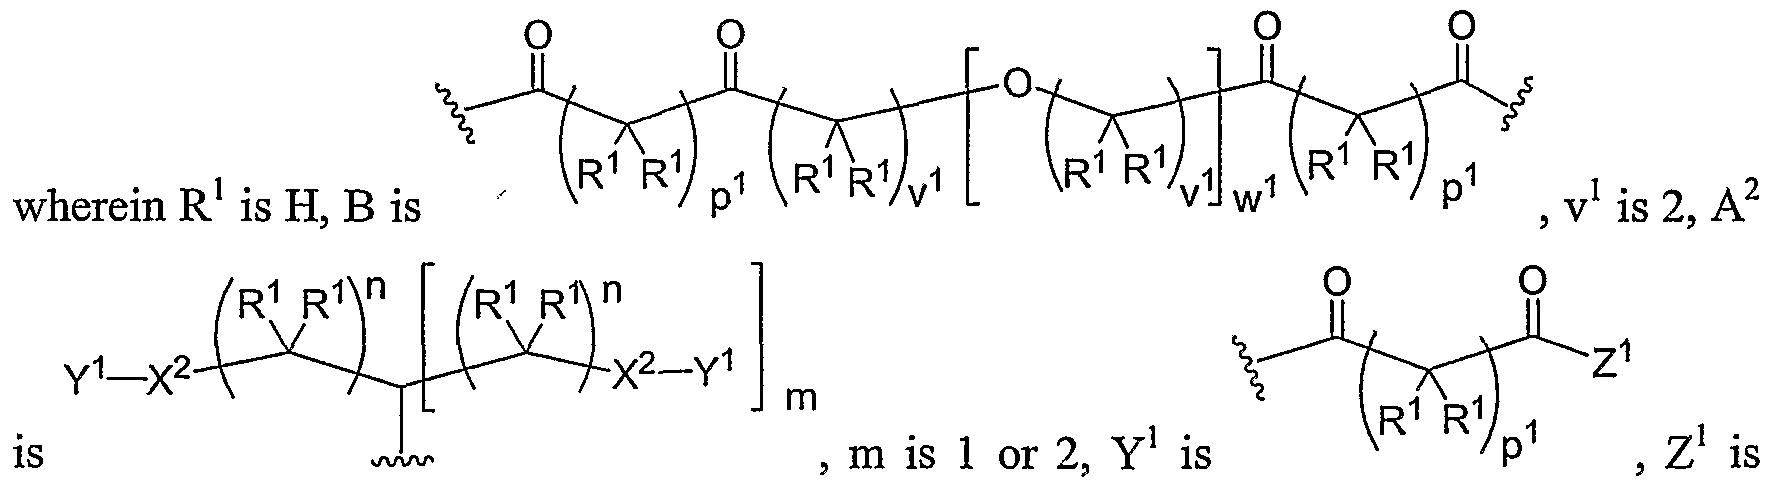 Figure imgf000106_0004